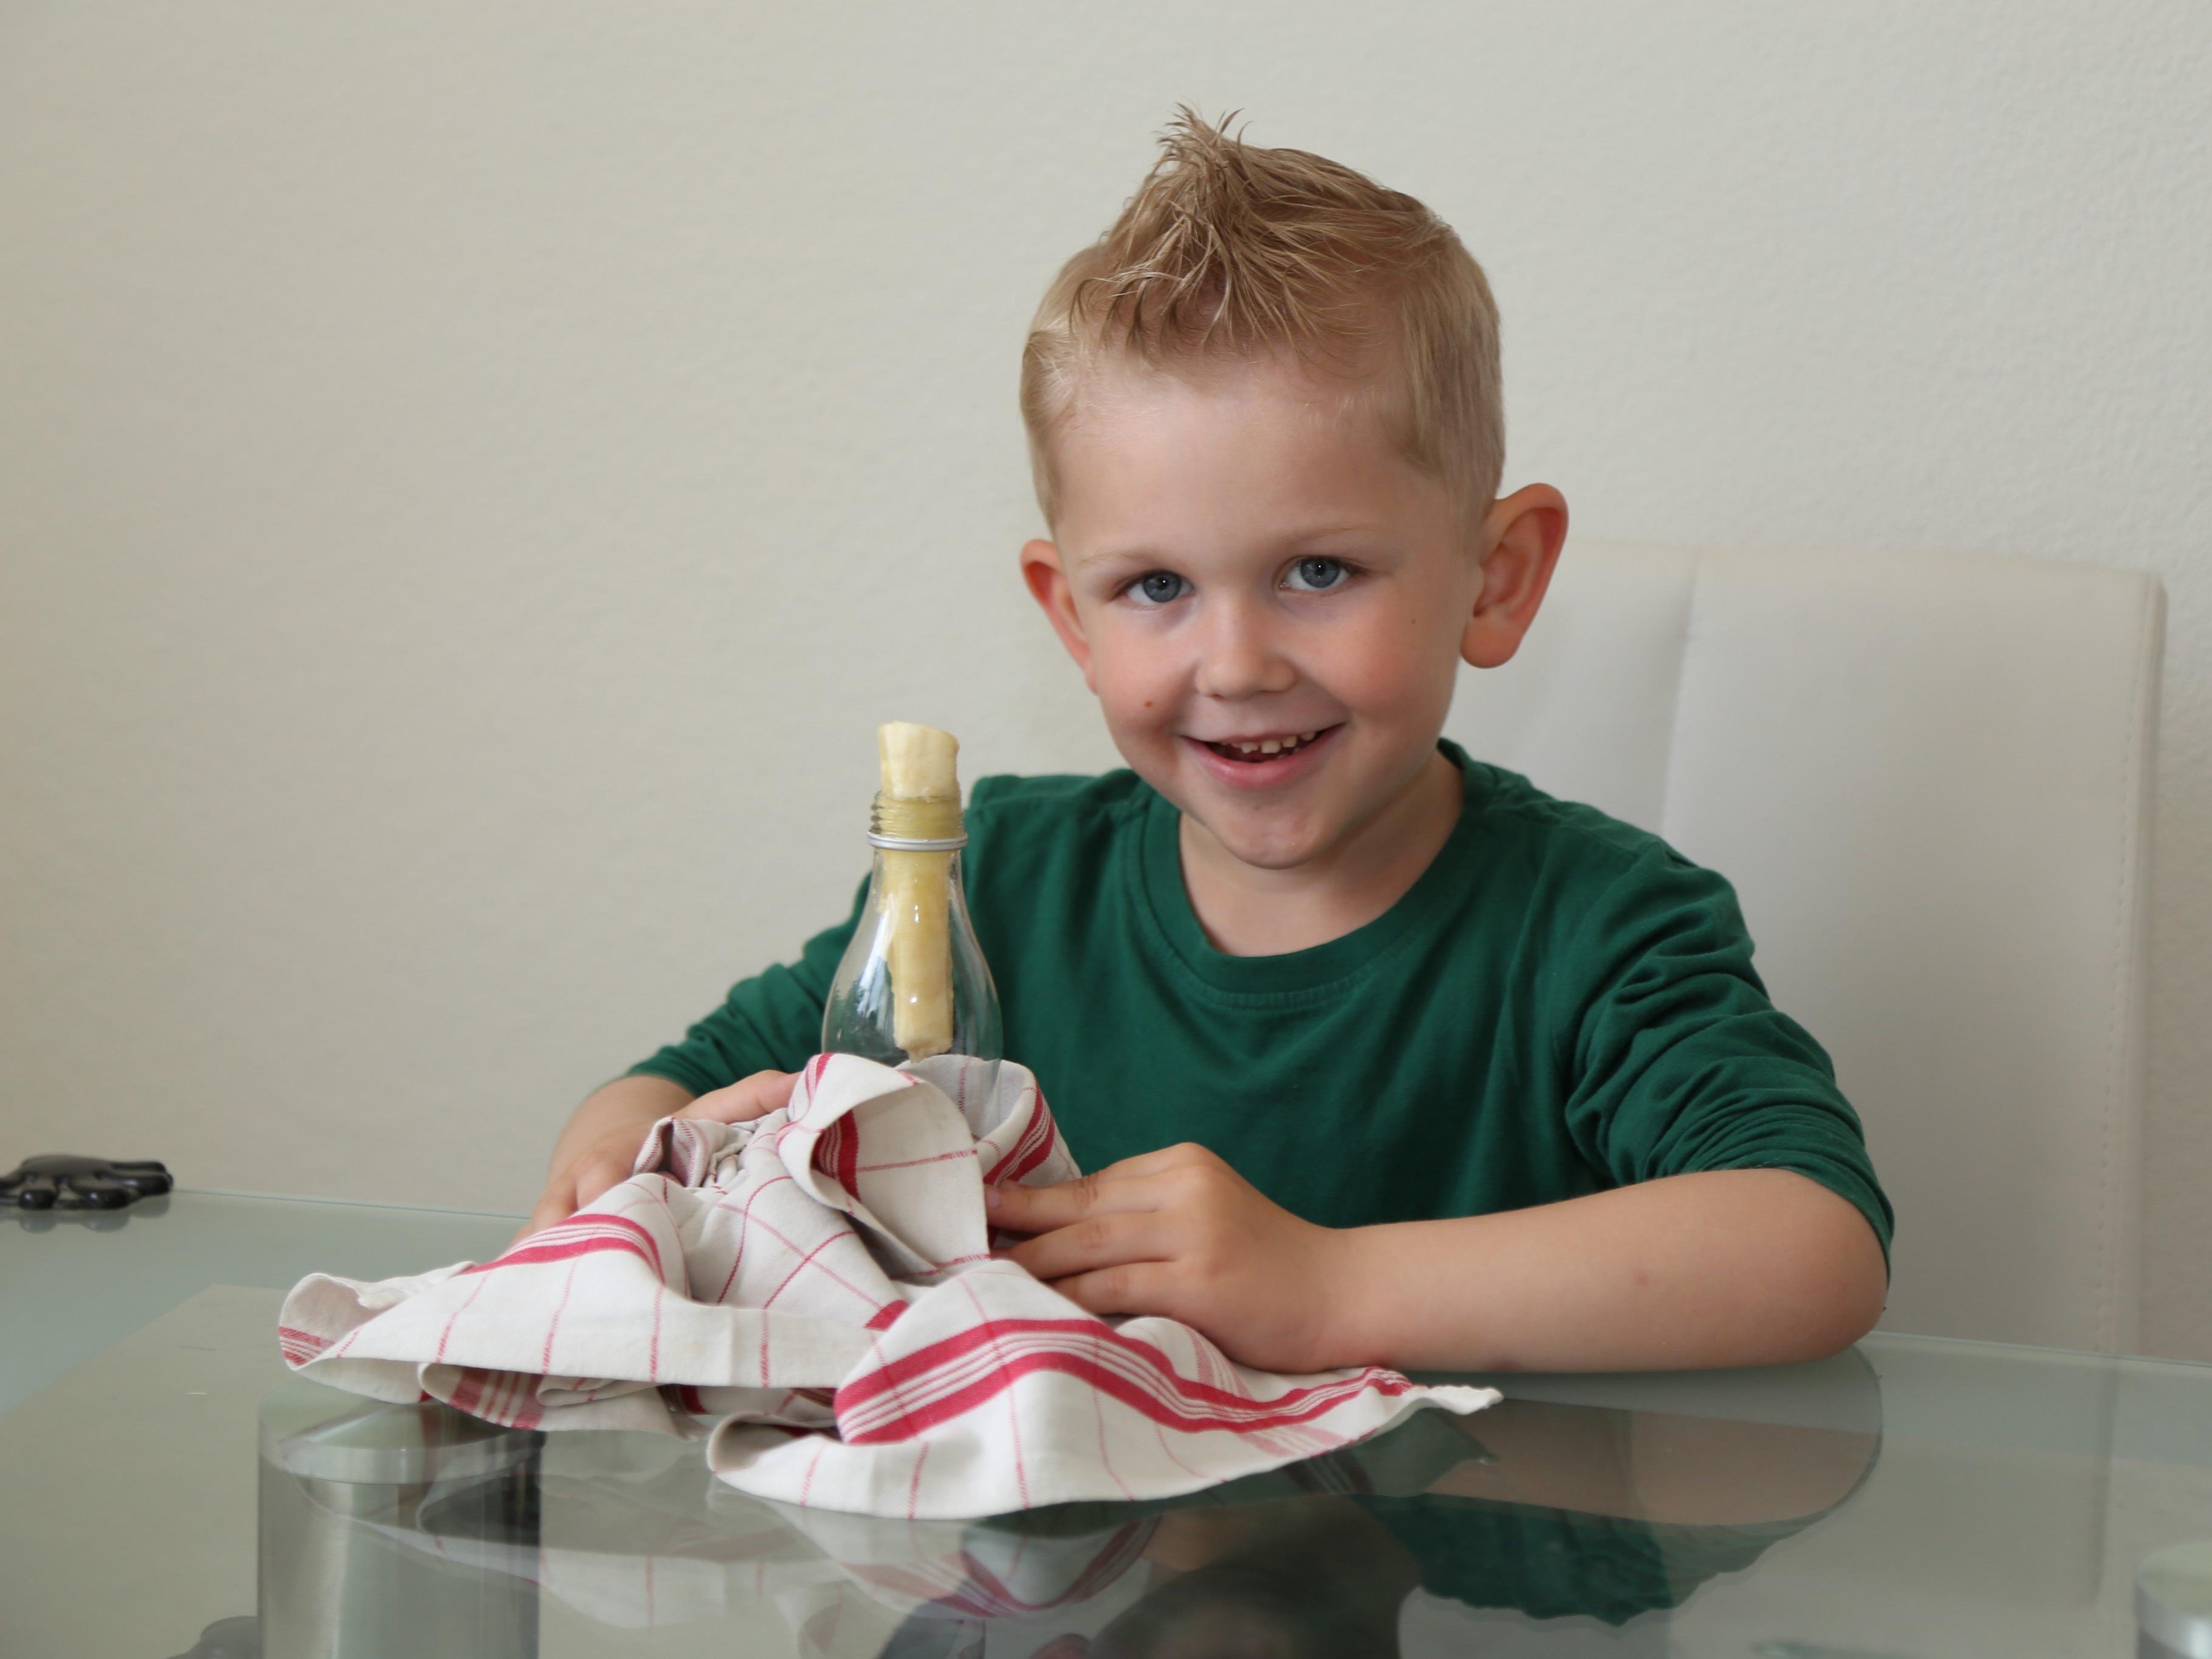 Der Kinderreporter macht Experimente über die Auswirkungen von Temperatur.